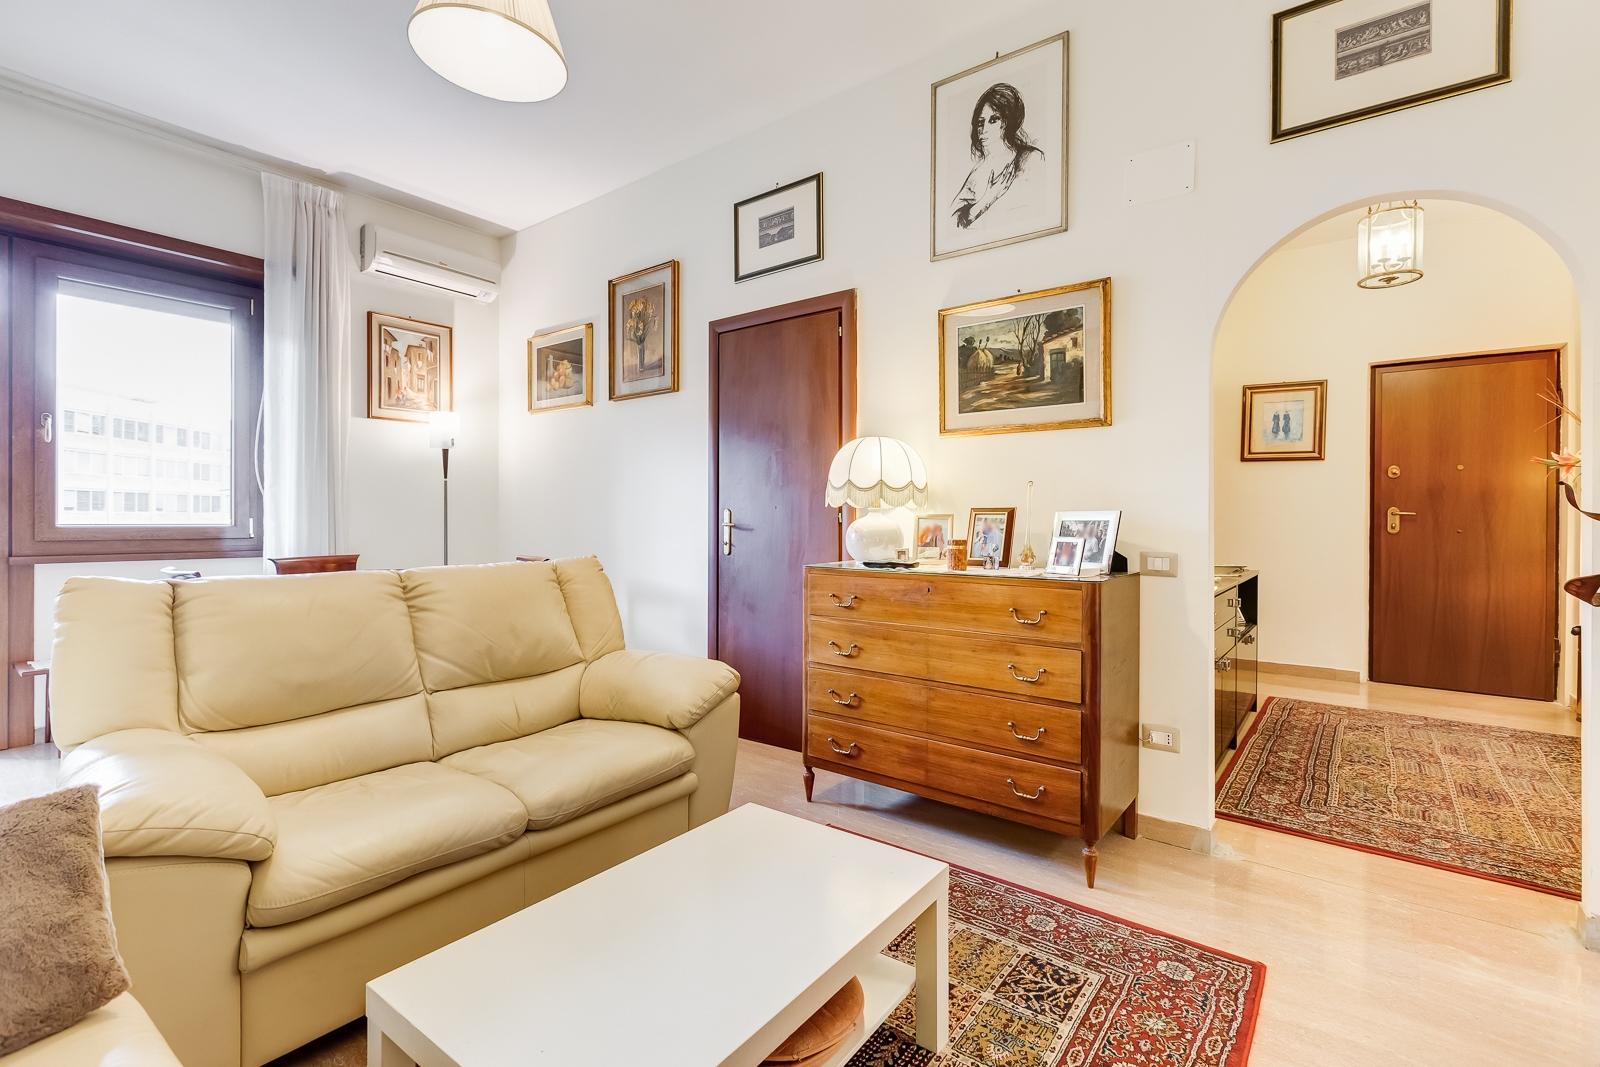 vendita appartamento roma s.giovanni  490000 euro  3 locali  100 mq